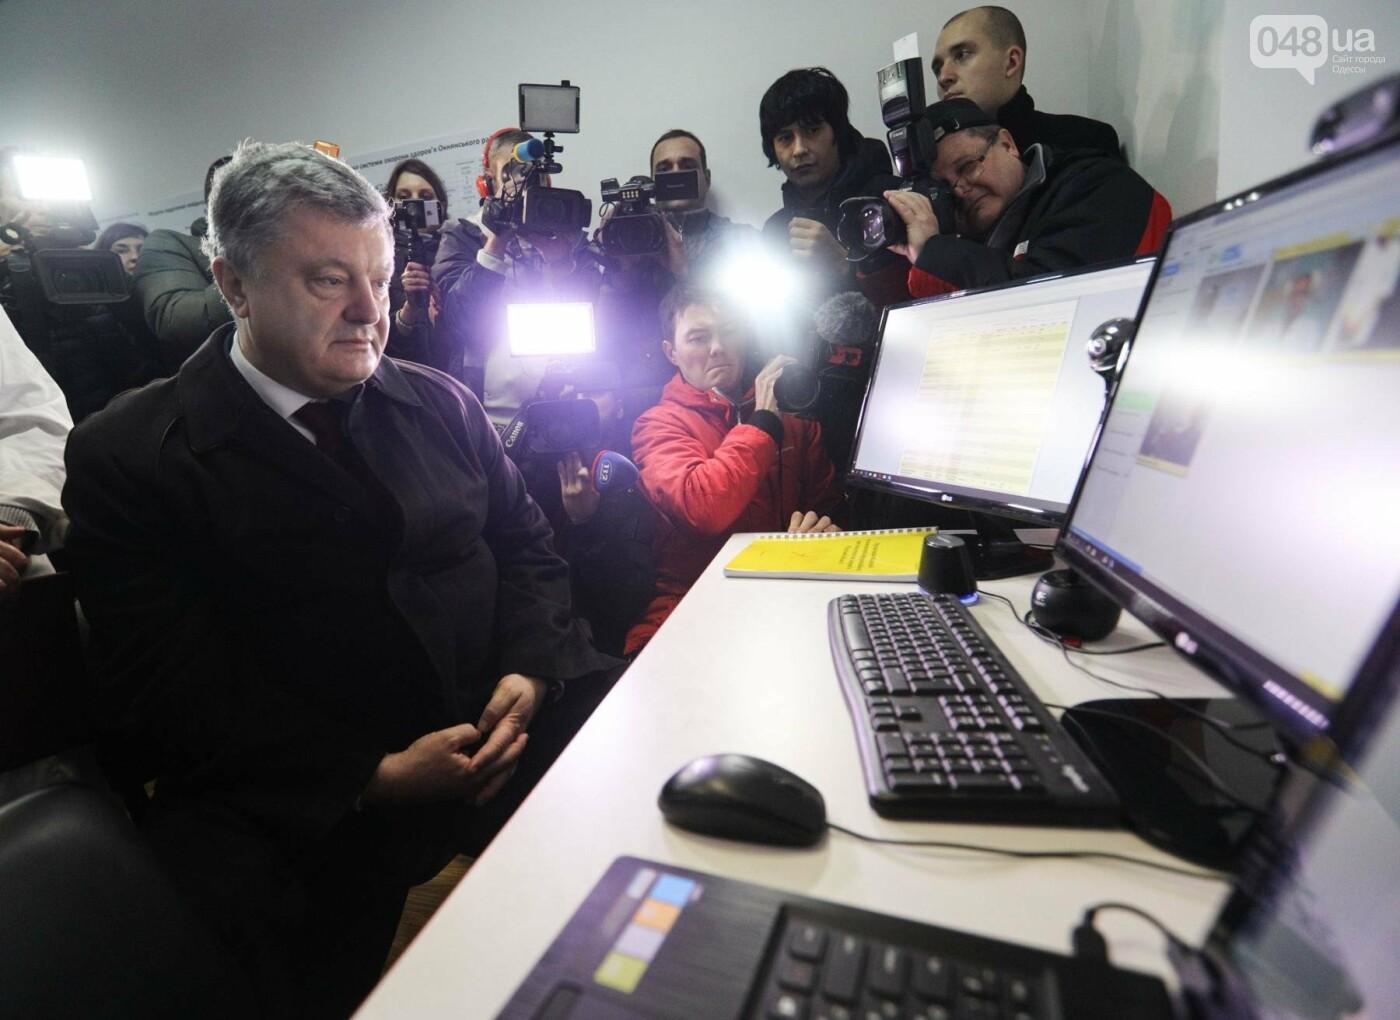 Порошенко в Одесской области дал старт медицинской реформе, фото-2